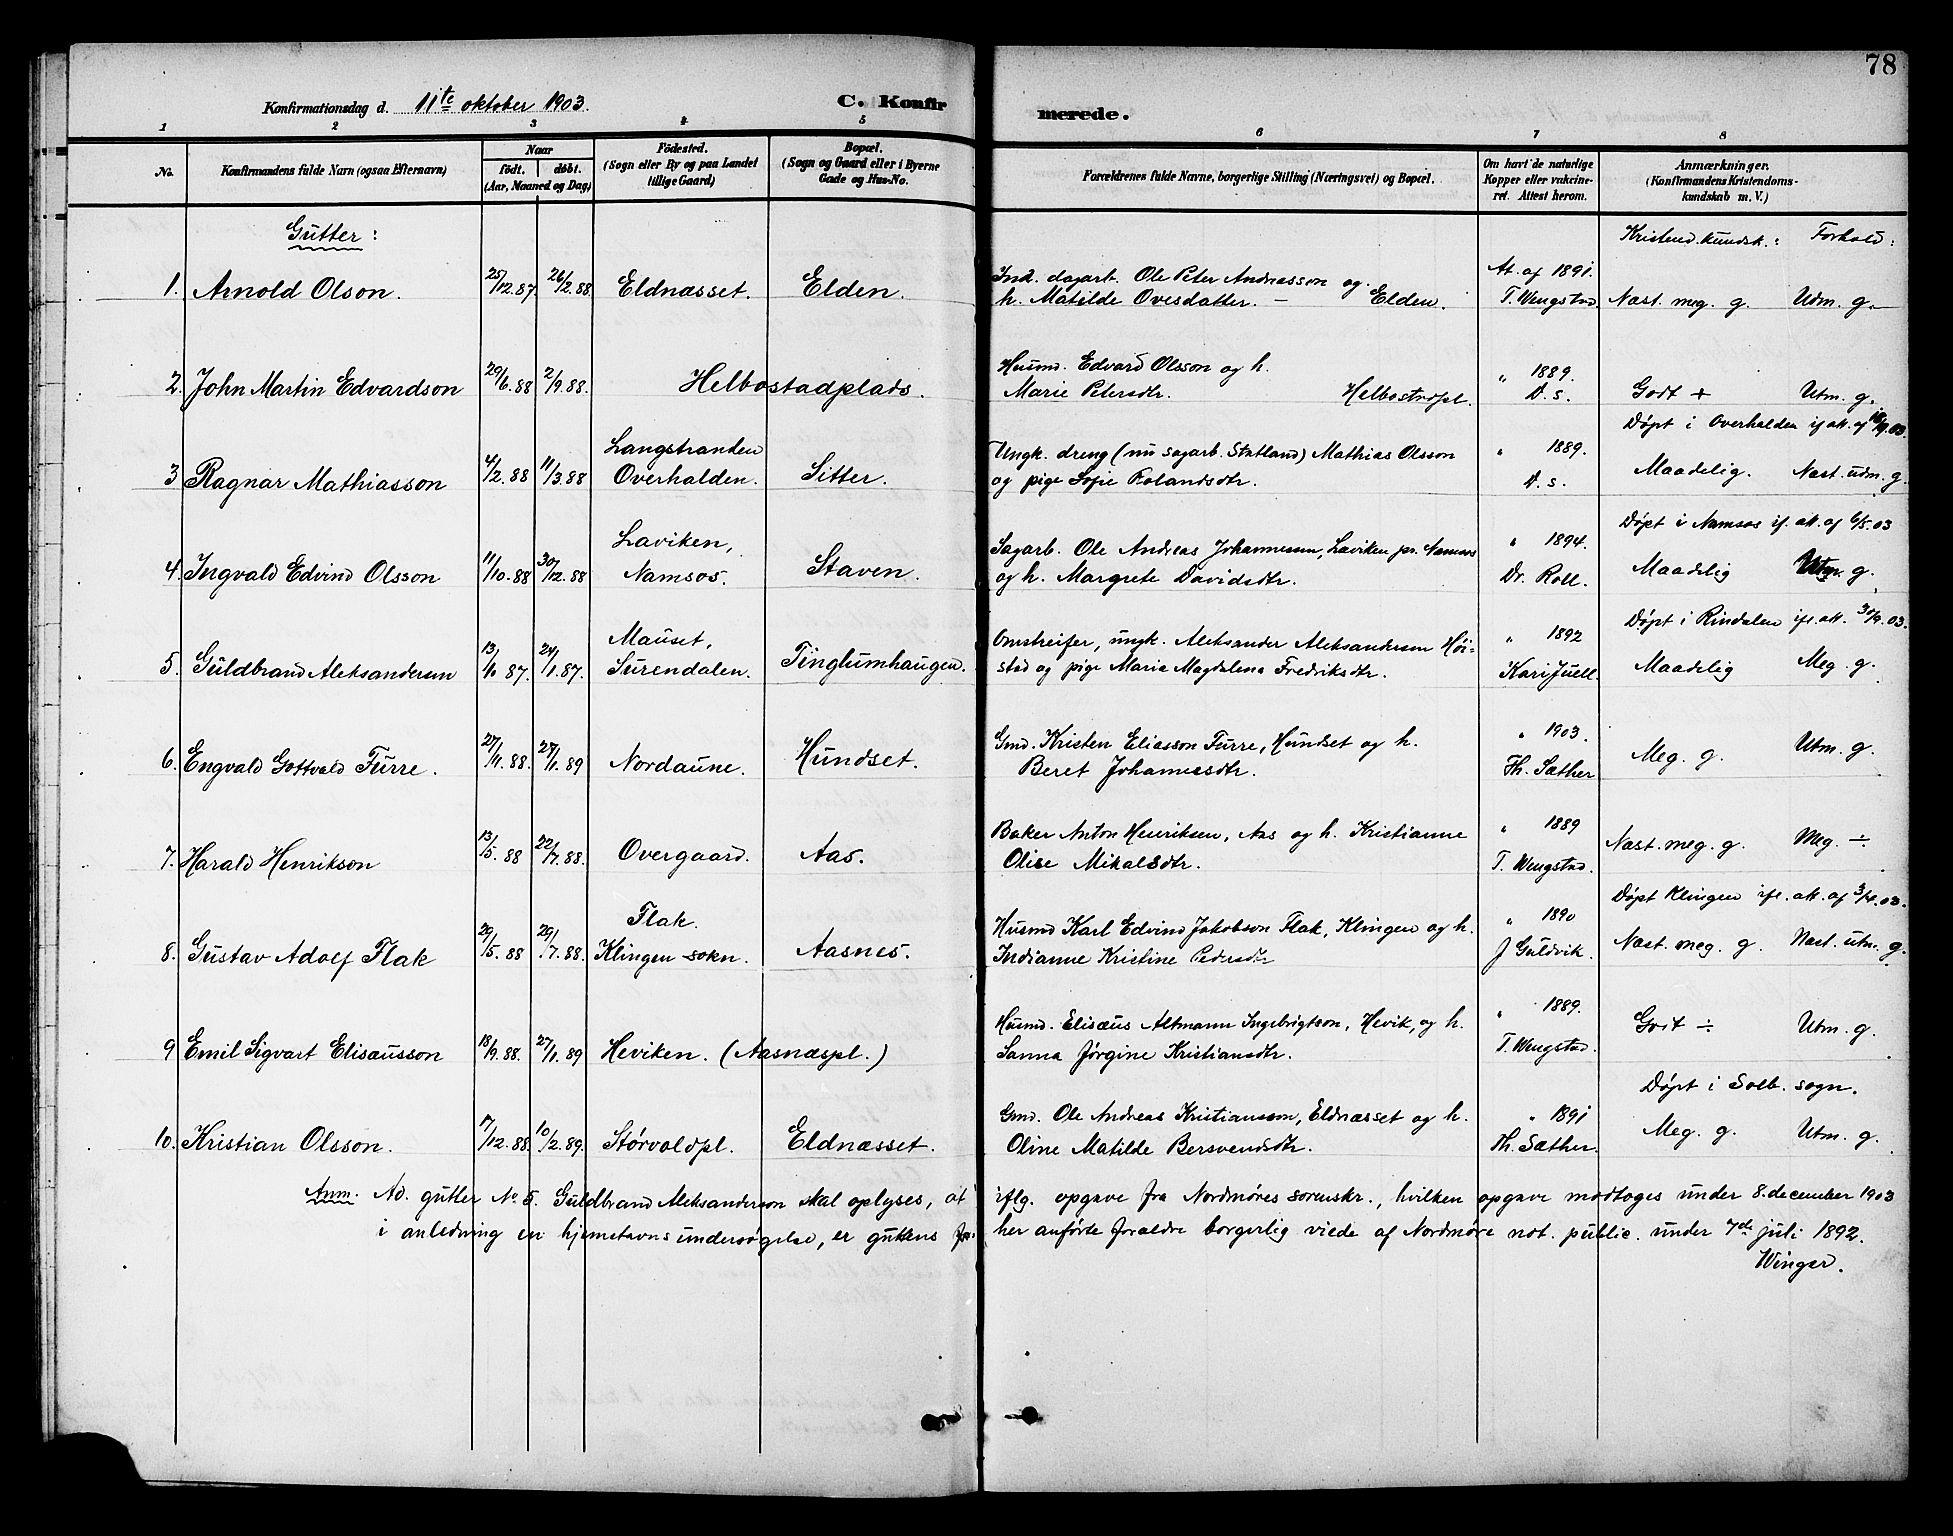 SAT, Ministerialprotokoller, klokkerbøker og fødselsregistre - Nord-Trøndelag, 742/L0412: Klokkerbok nr. 742C03, 1898-1910, s. 78